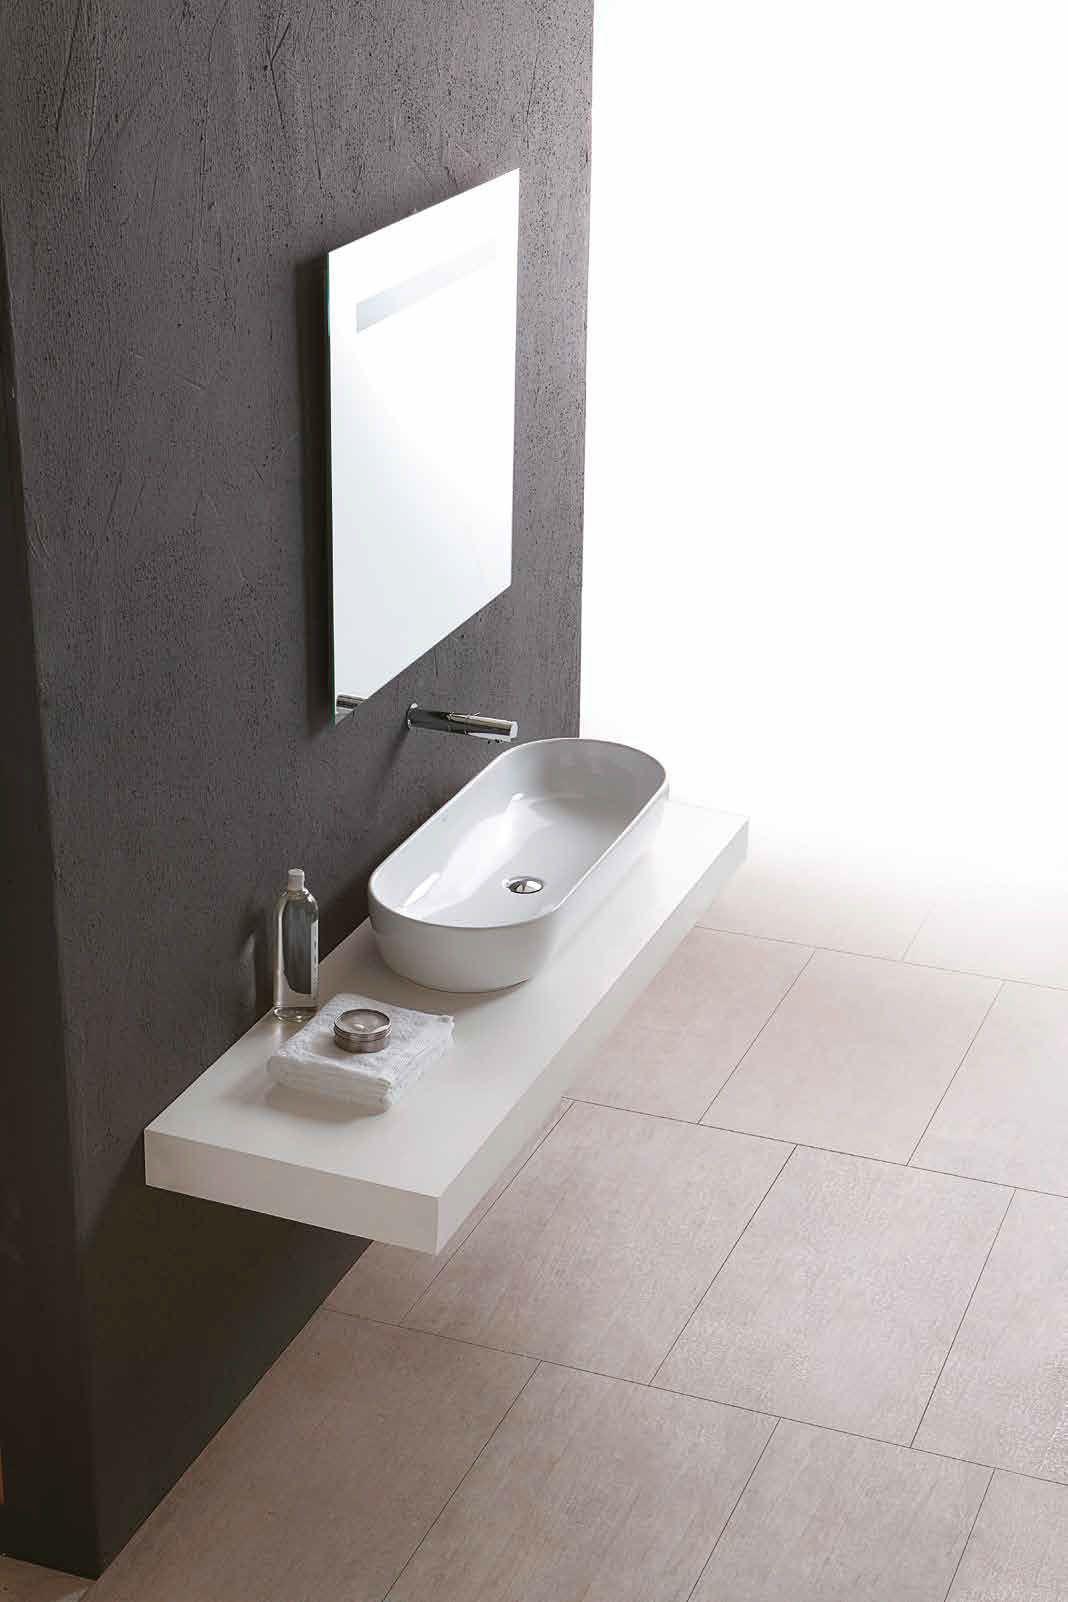 Althea Ceramica Arredo Bagno.Ceramica Althea Produzione Sanitari E Arredo Bagno Arredamento Bagno Arredamento Bagno